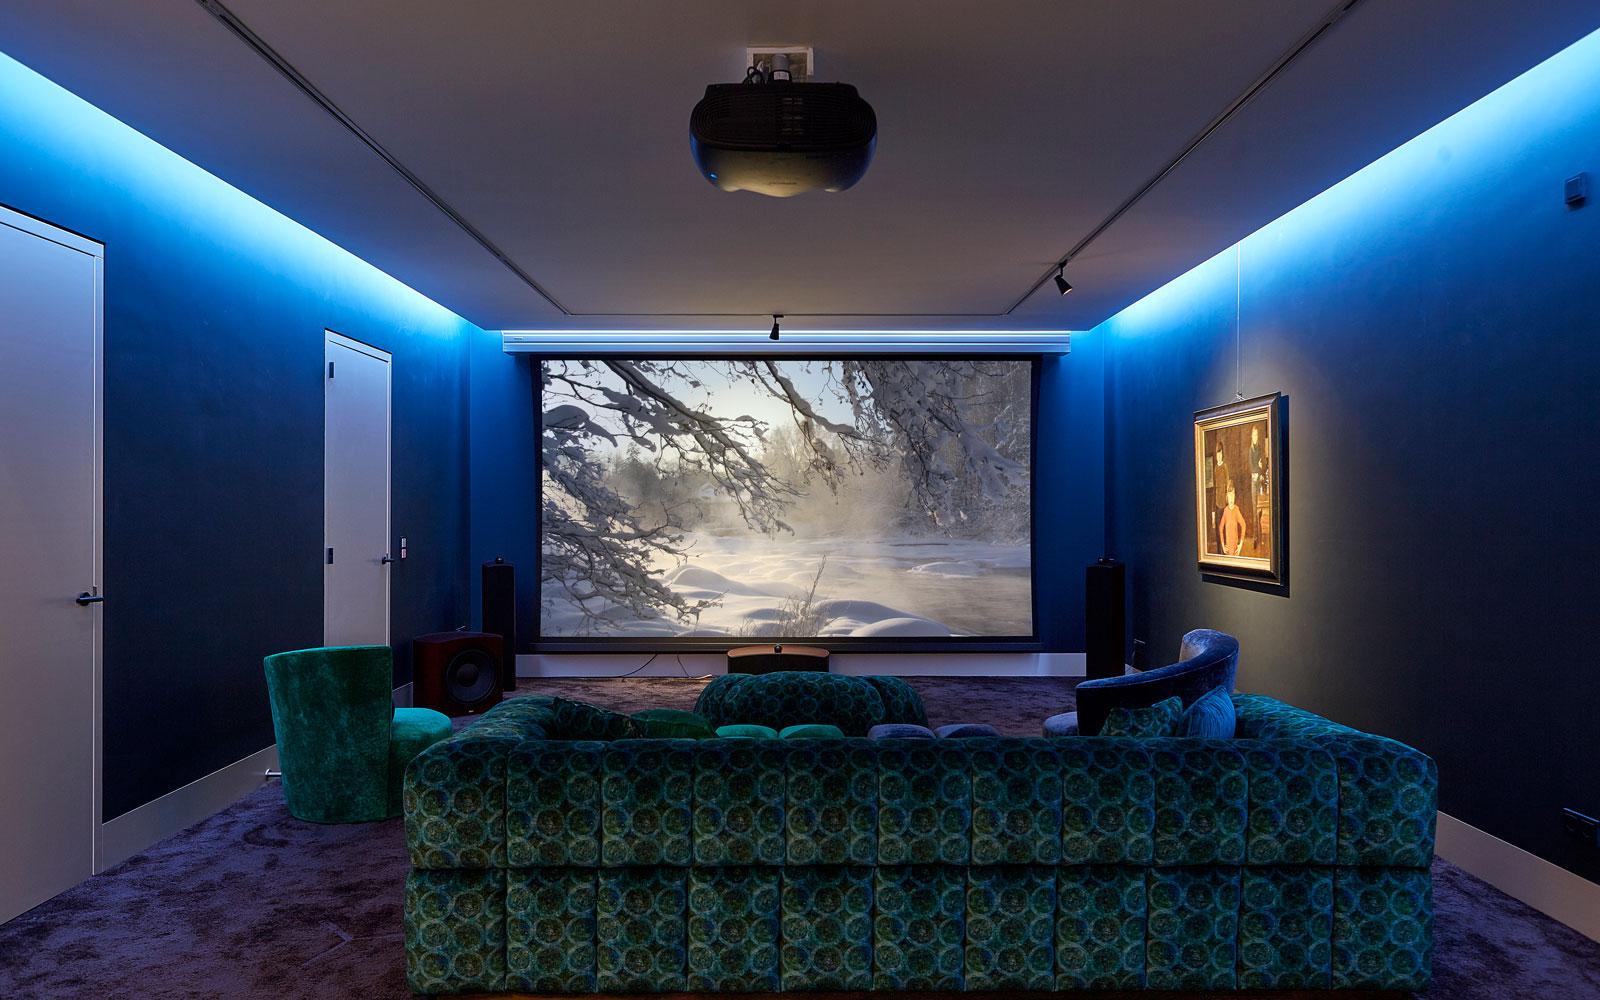 Kelder, thuisbioscoop, ultieme beleving, luxe, symmetrische villa, PBV Architects